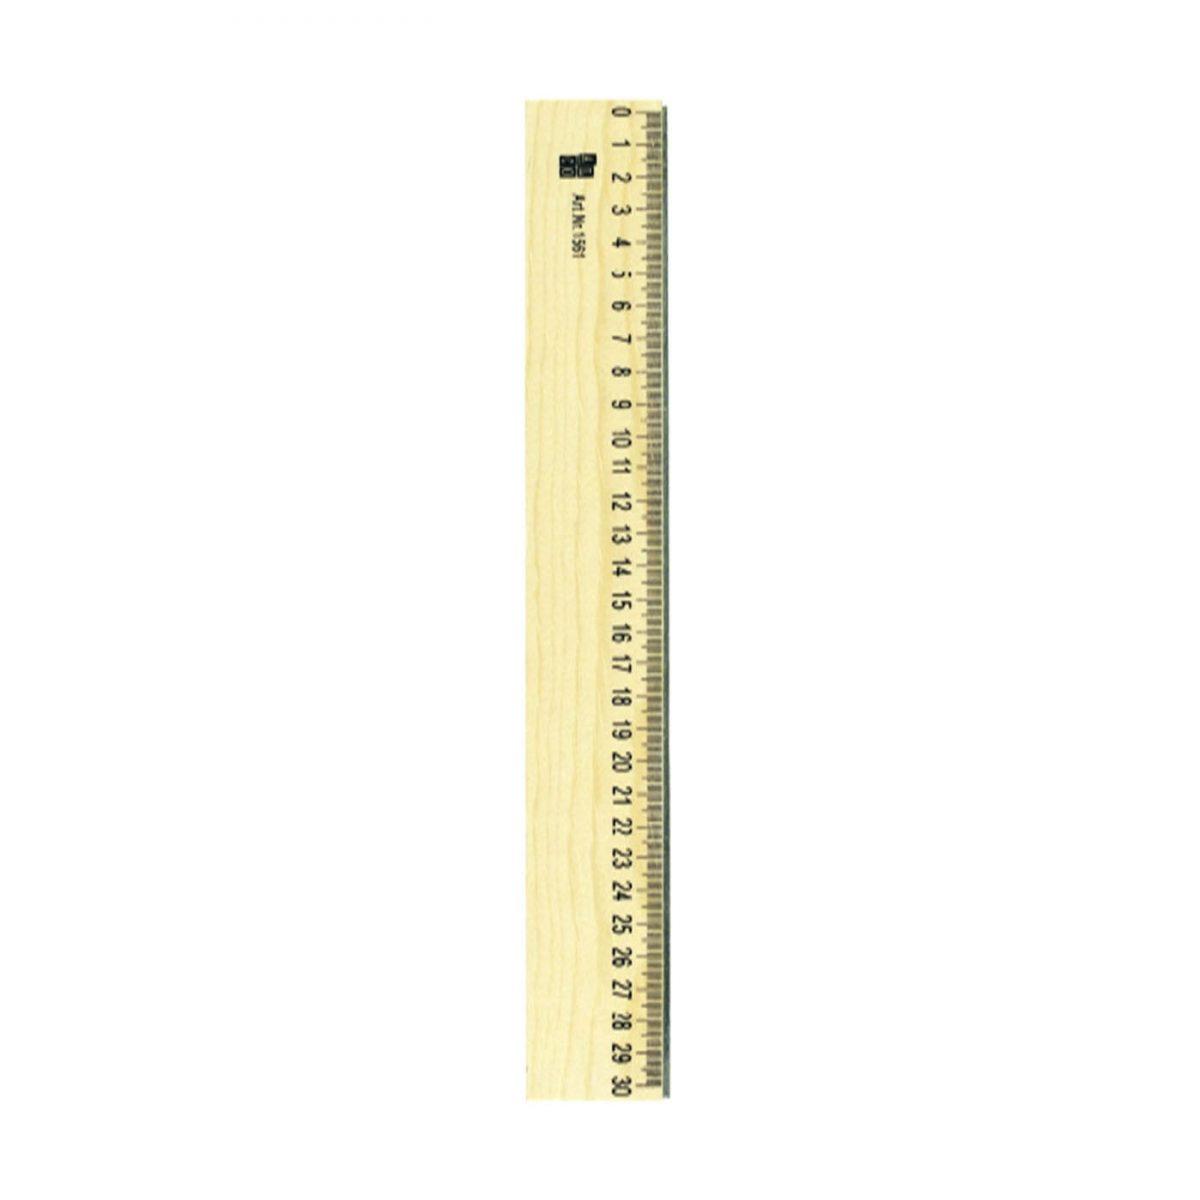 Rigla din lemn, 30cm, ALCO